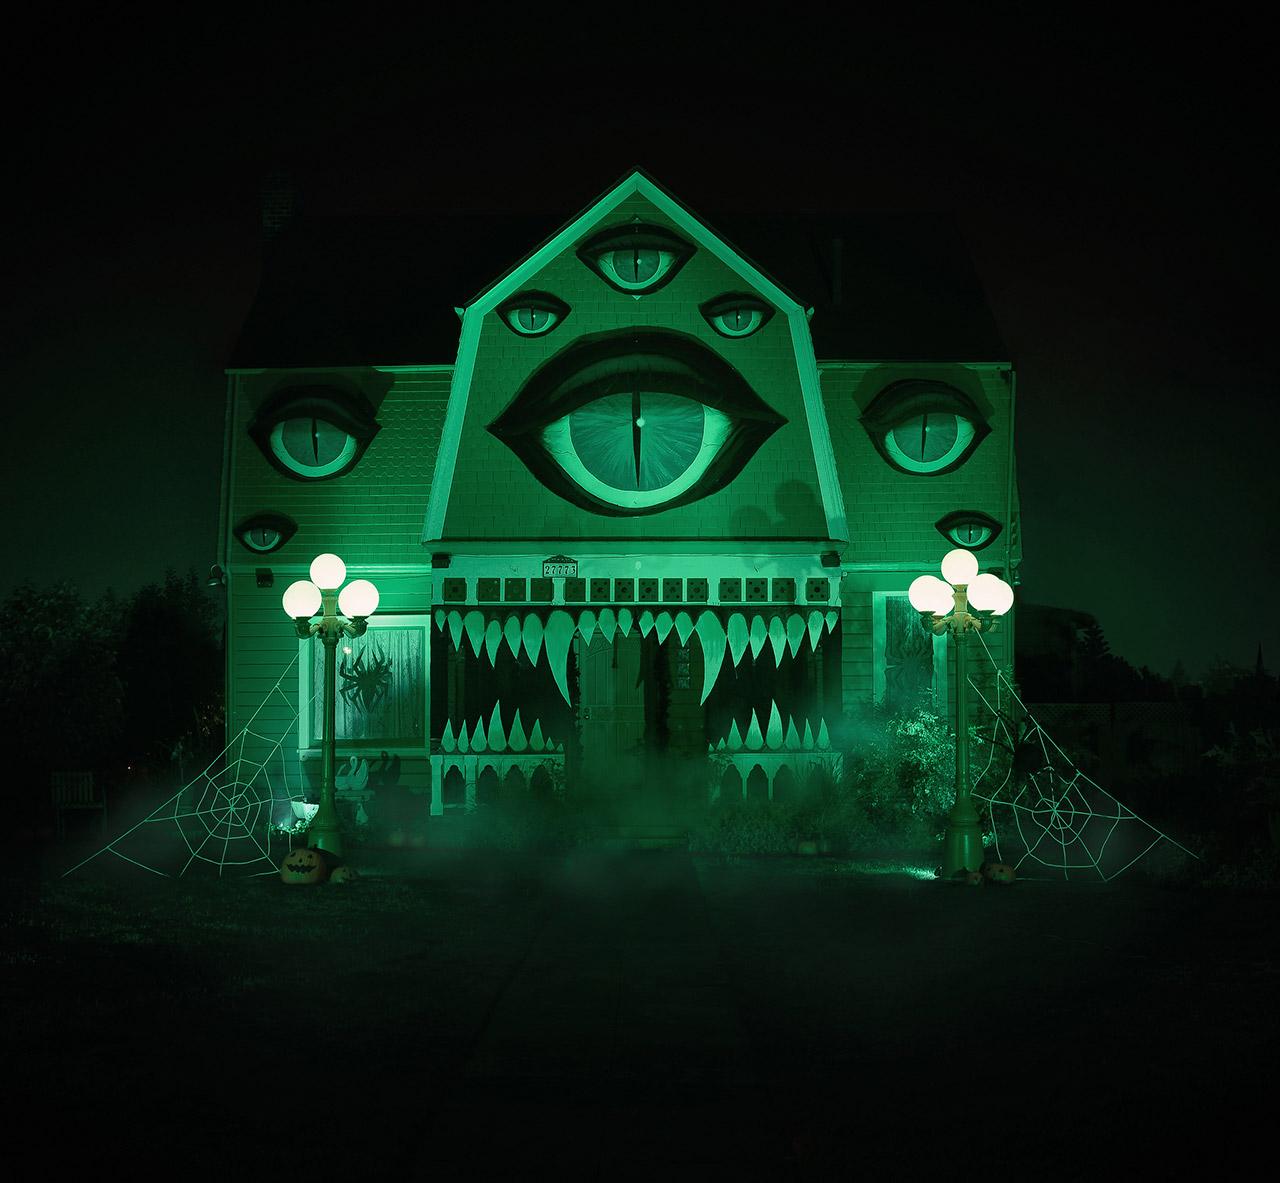 monster_house_2